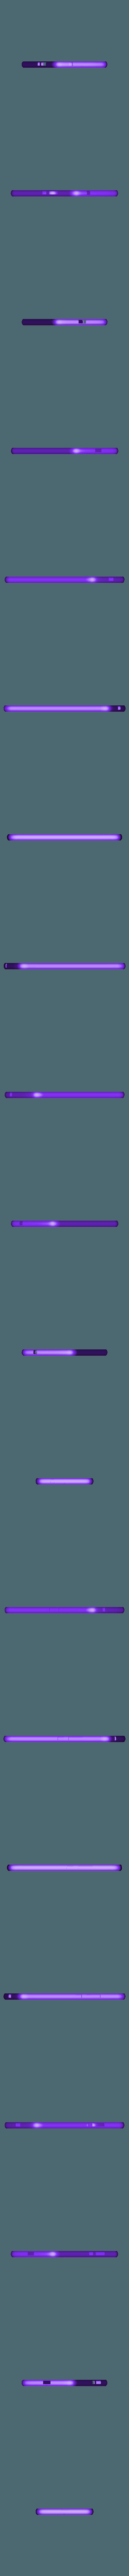 Greens_Moto_X4_case_v3_v11.stl Télécharger fichier STL gratuit Couverture de la Moto X4 • Design pour imprimante 3D, GreenDot